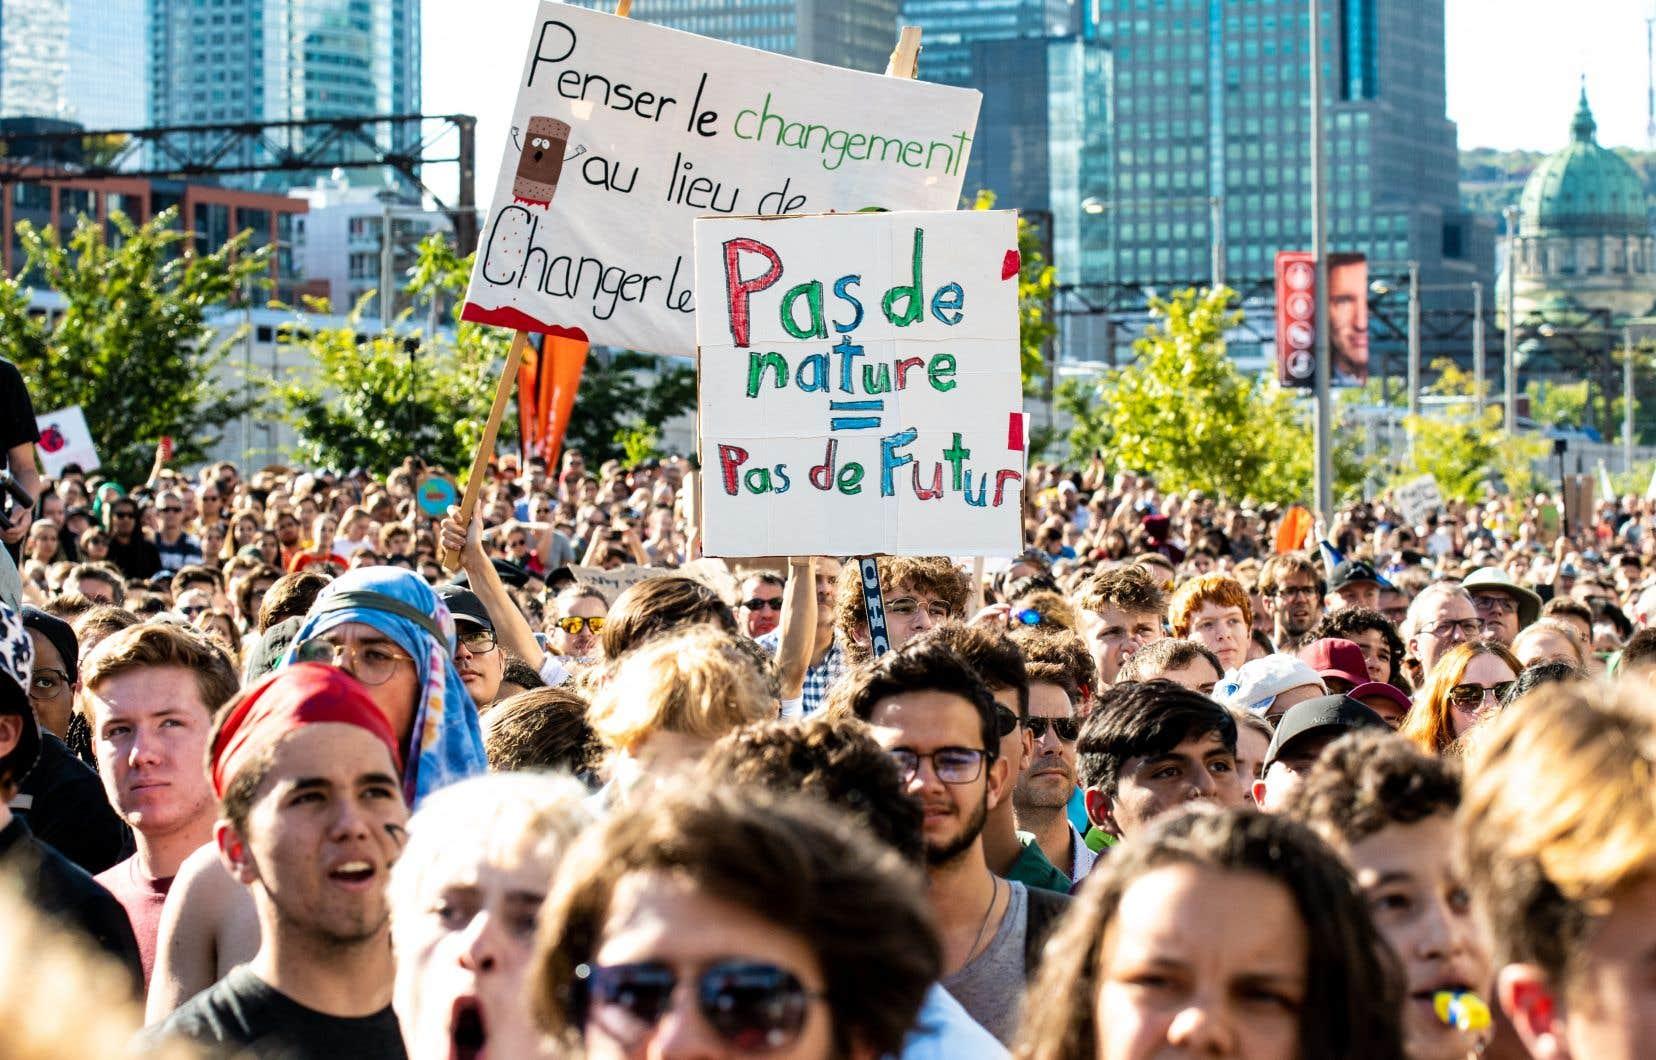 Rappelons qu'en 2019, 500000 personnes sont descendues dans les rues de Montréal pour appuyer des mesures fortes en environnement.